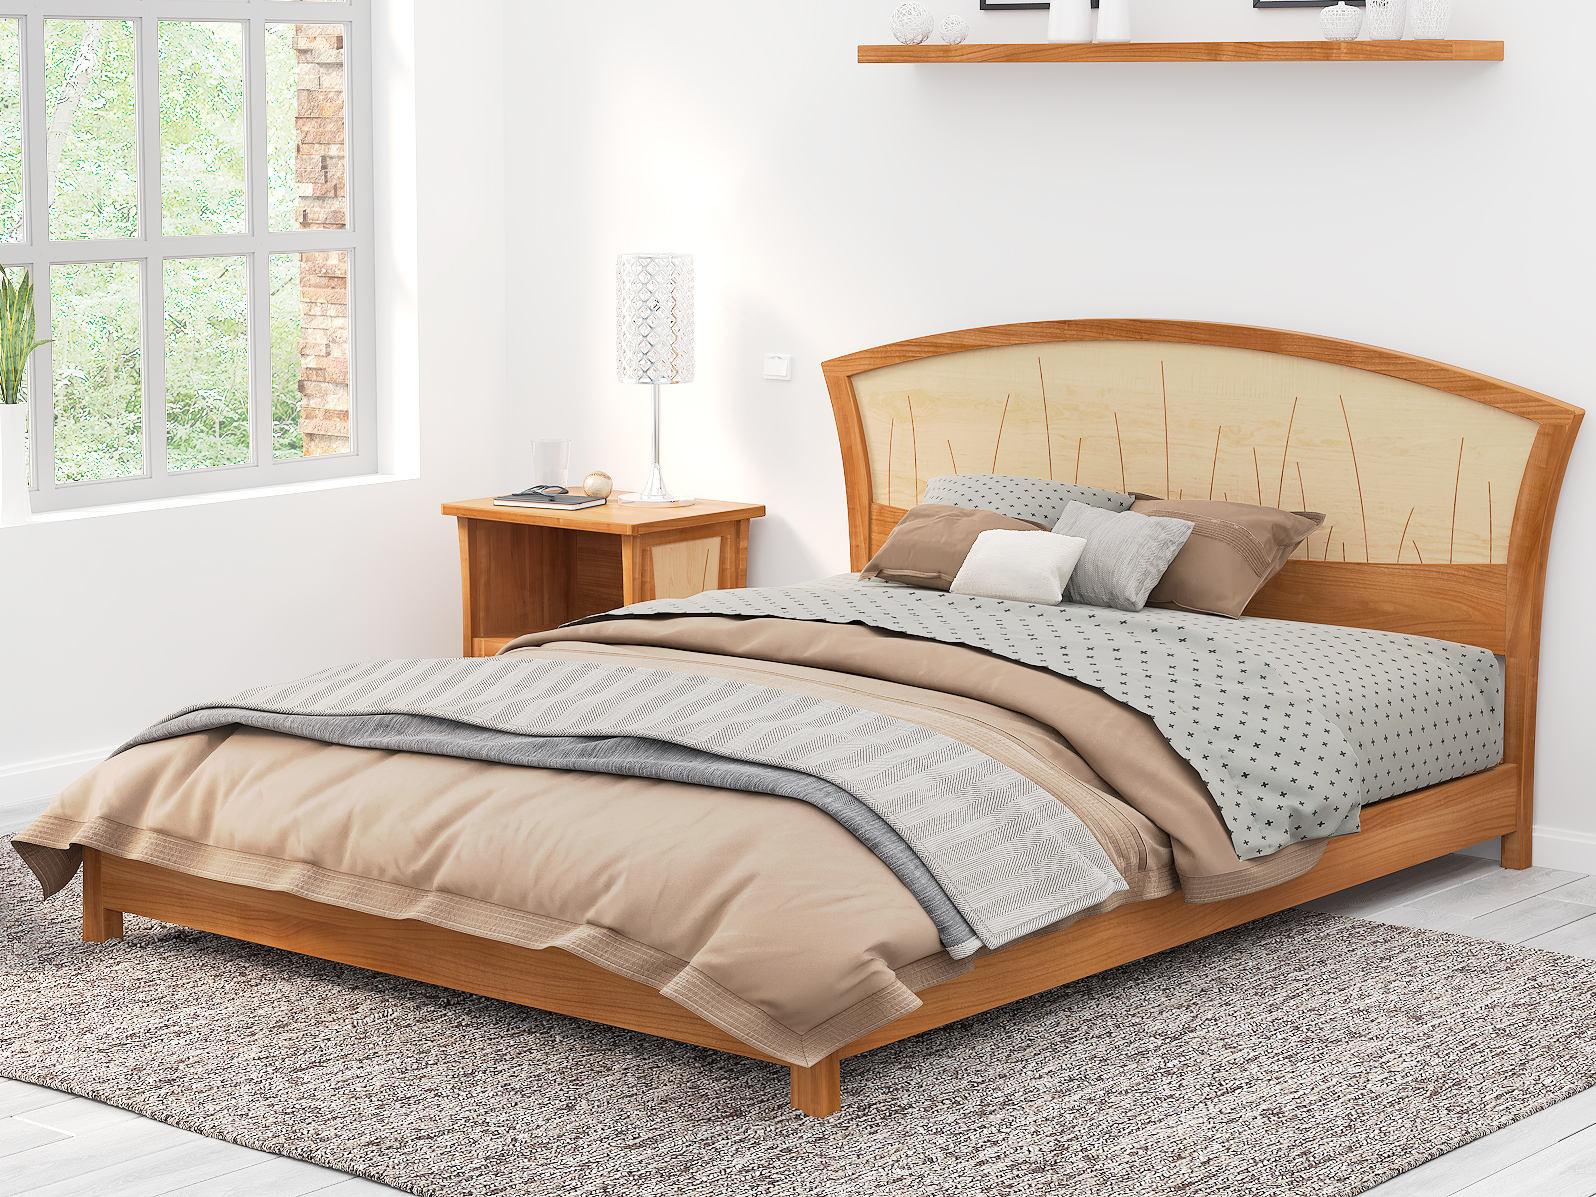 platform bed king size low modern bed frame handmade in solid etsy. Black Bedroom Furniture Sets. Home Design Ideas